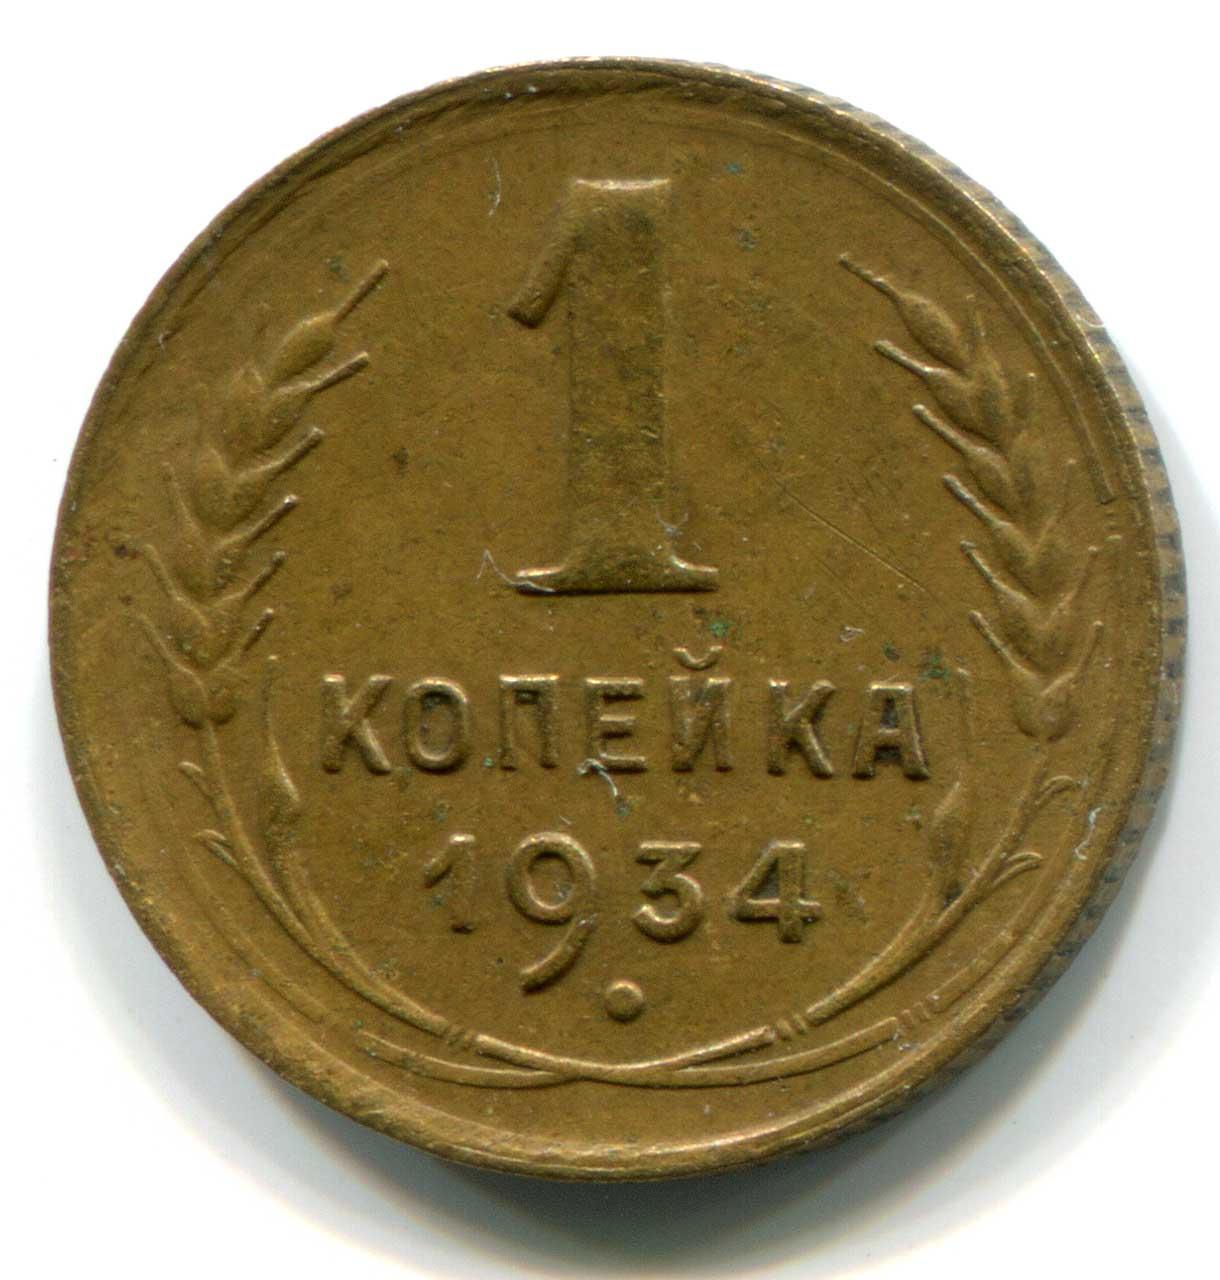 1 копейка 1934 года цена стоимость монеты степени сохранности монет